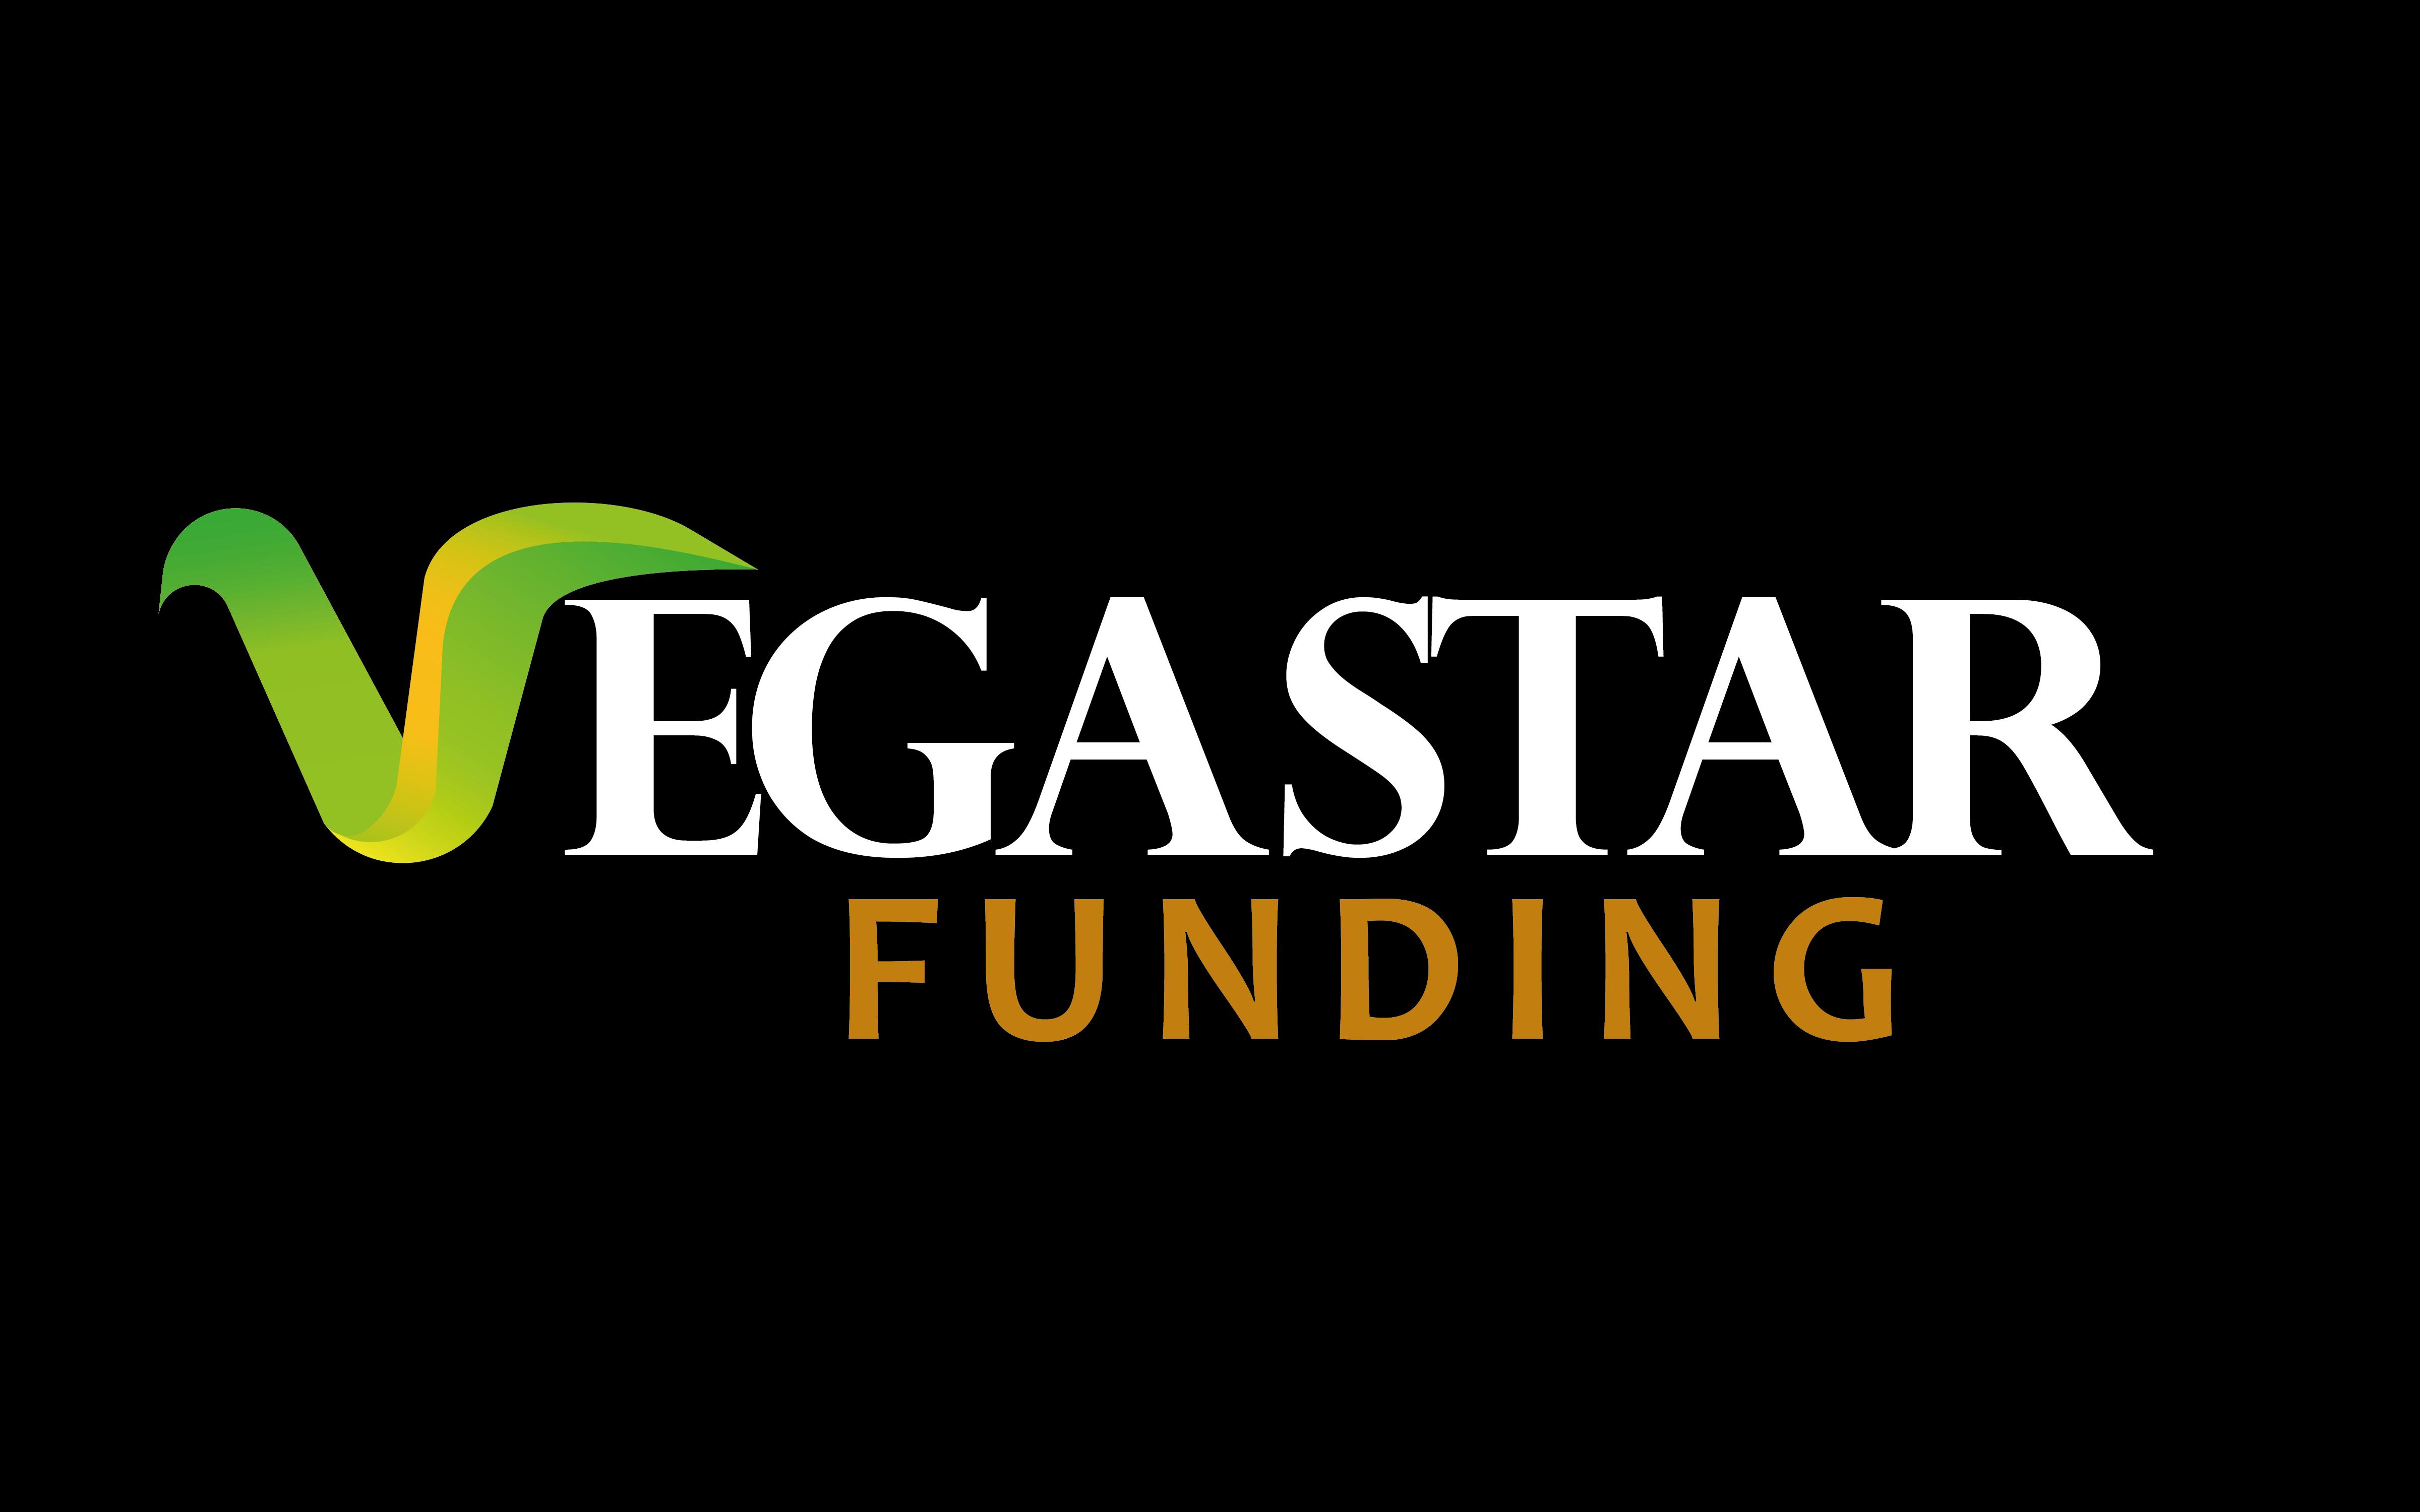 VEGASTAR Funding image 11